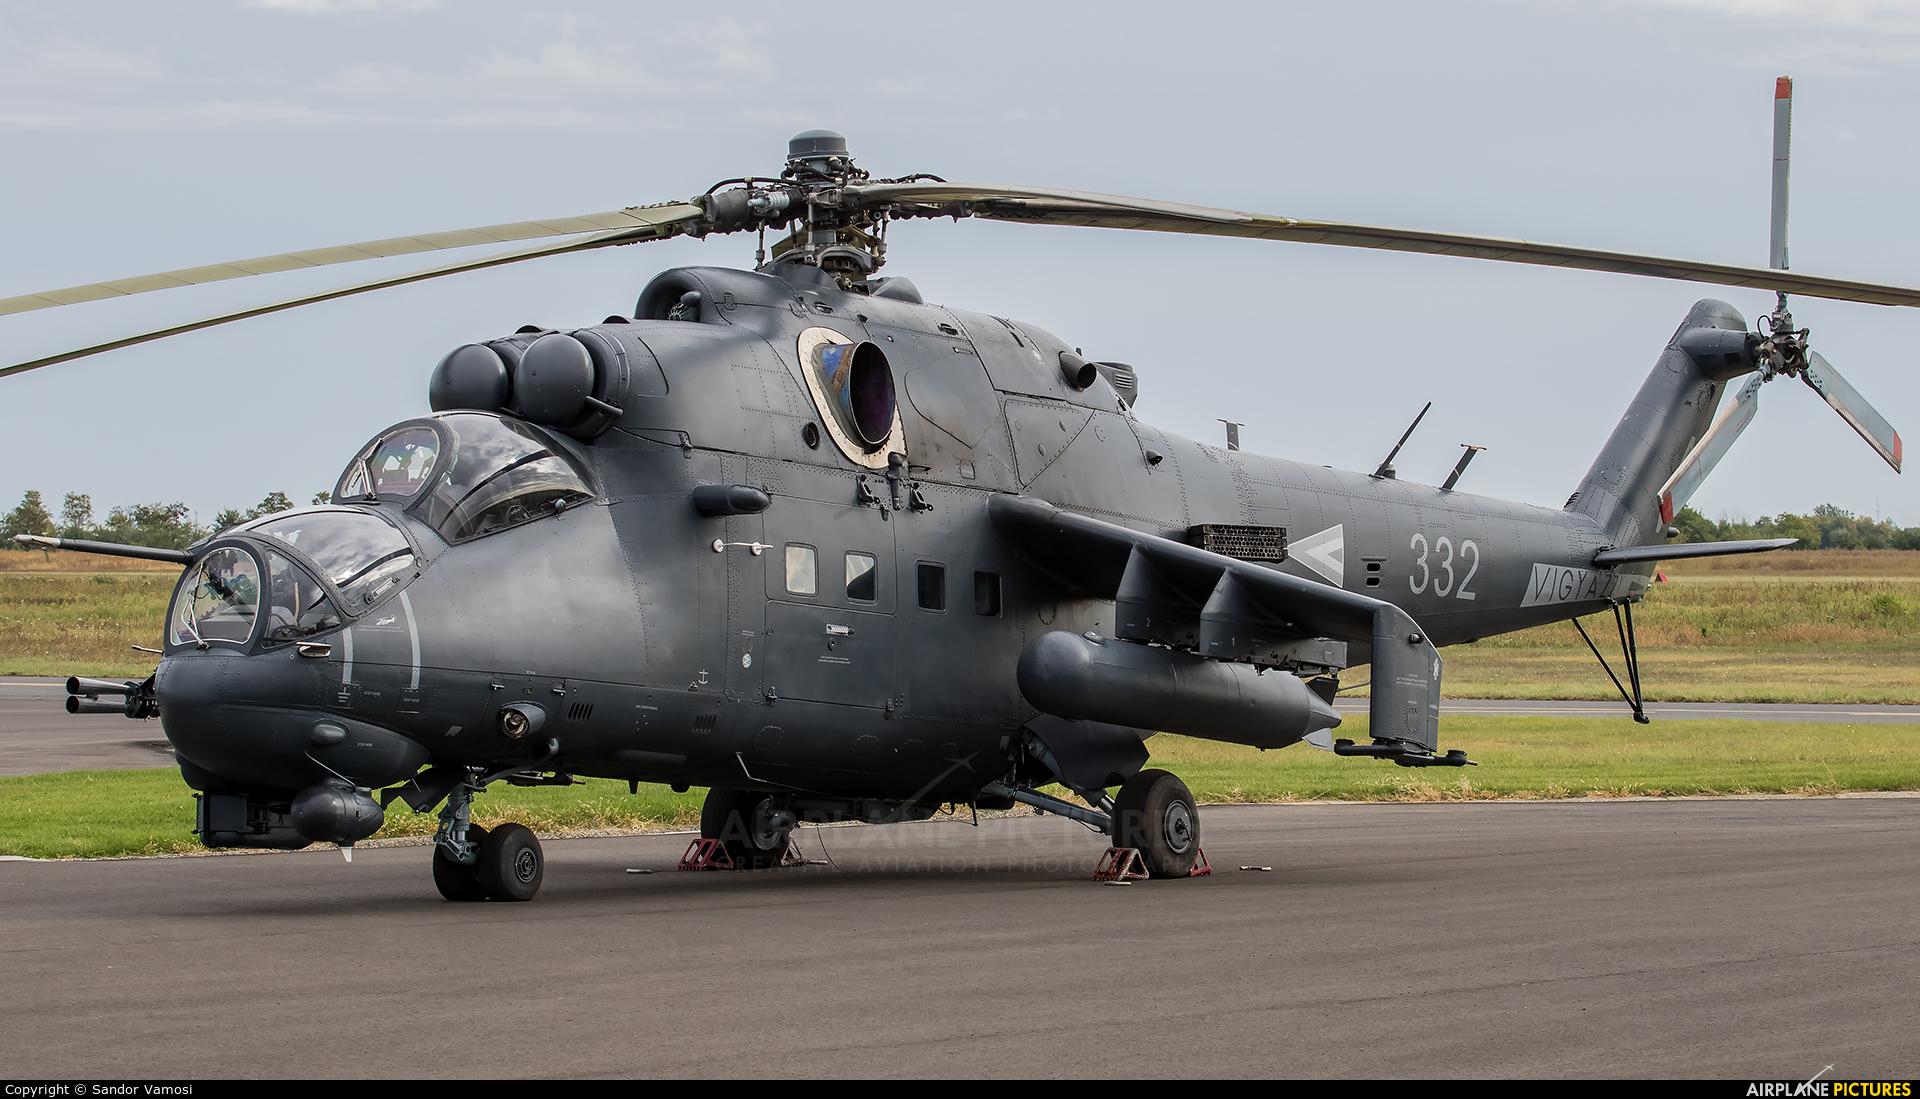 Hungary - Air Force 332 aircraft at Szolnok